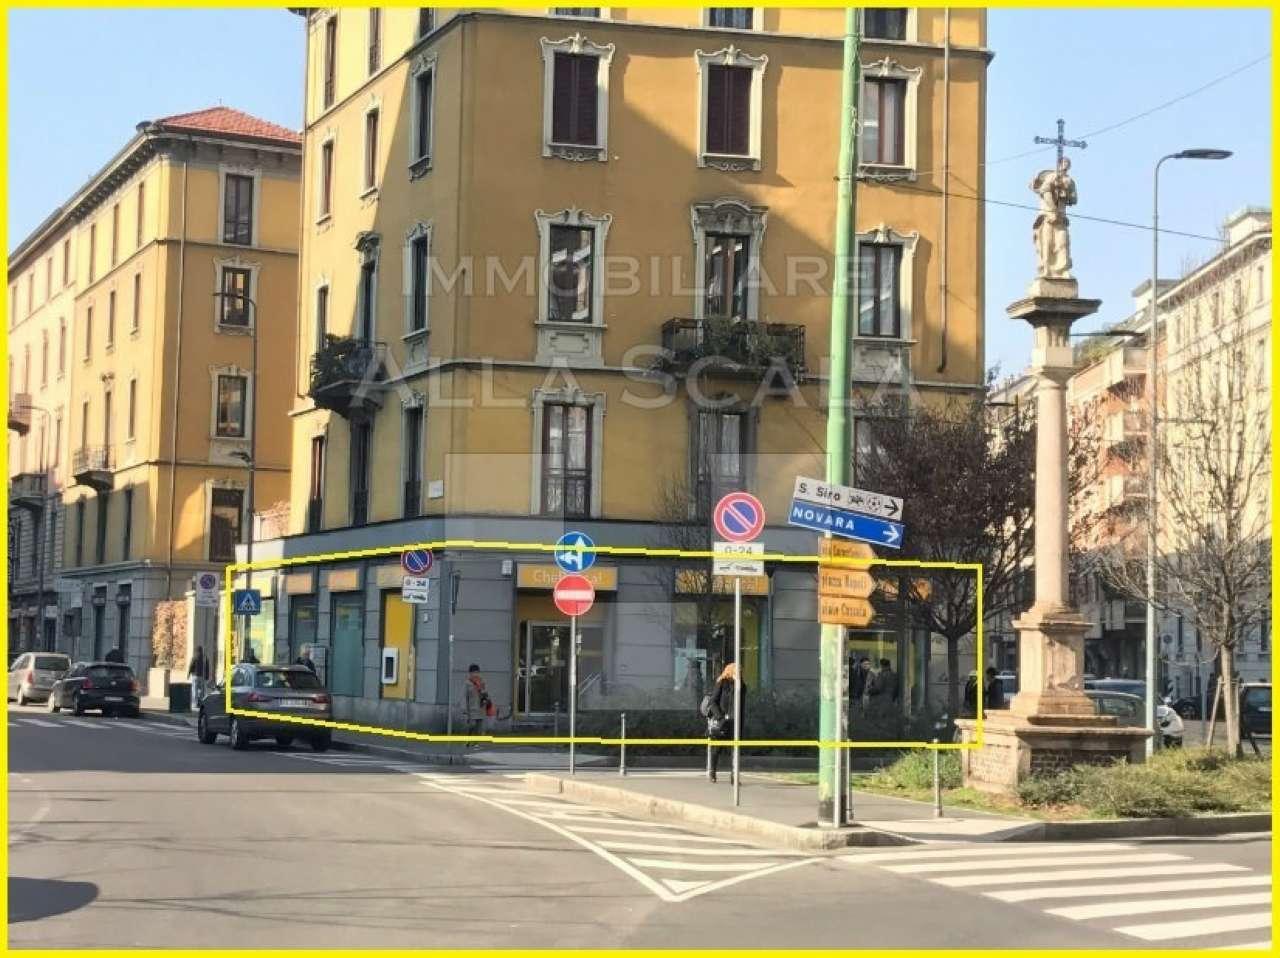 Negozio-locale in Affitto a Milano 08 Vercelli / Magenta / Cadorna / Washington: 5 locali, 320 mq